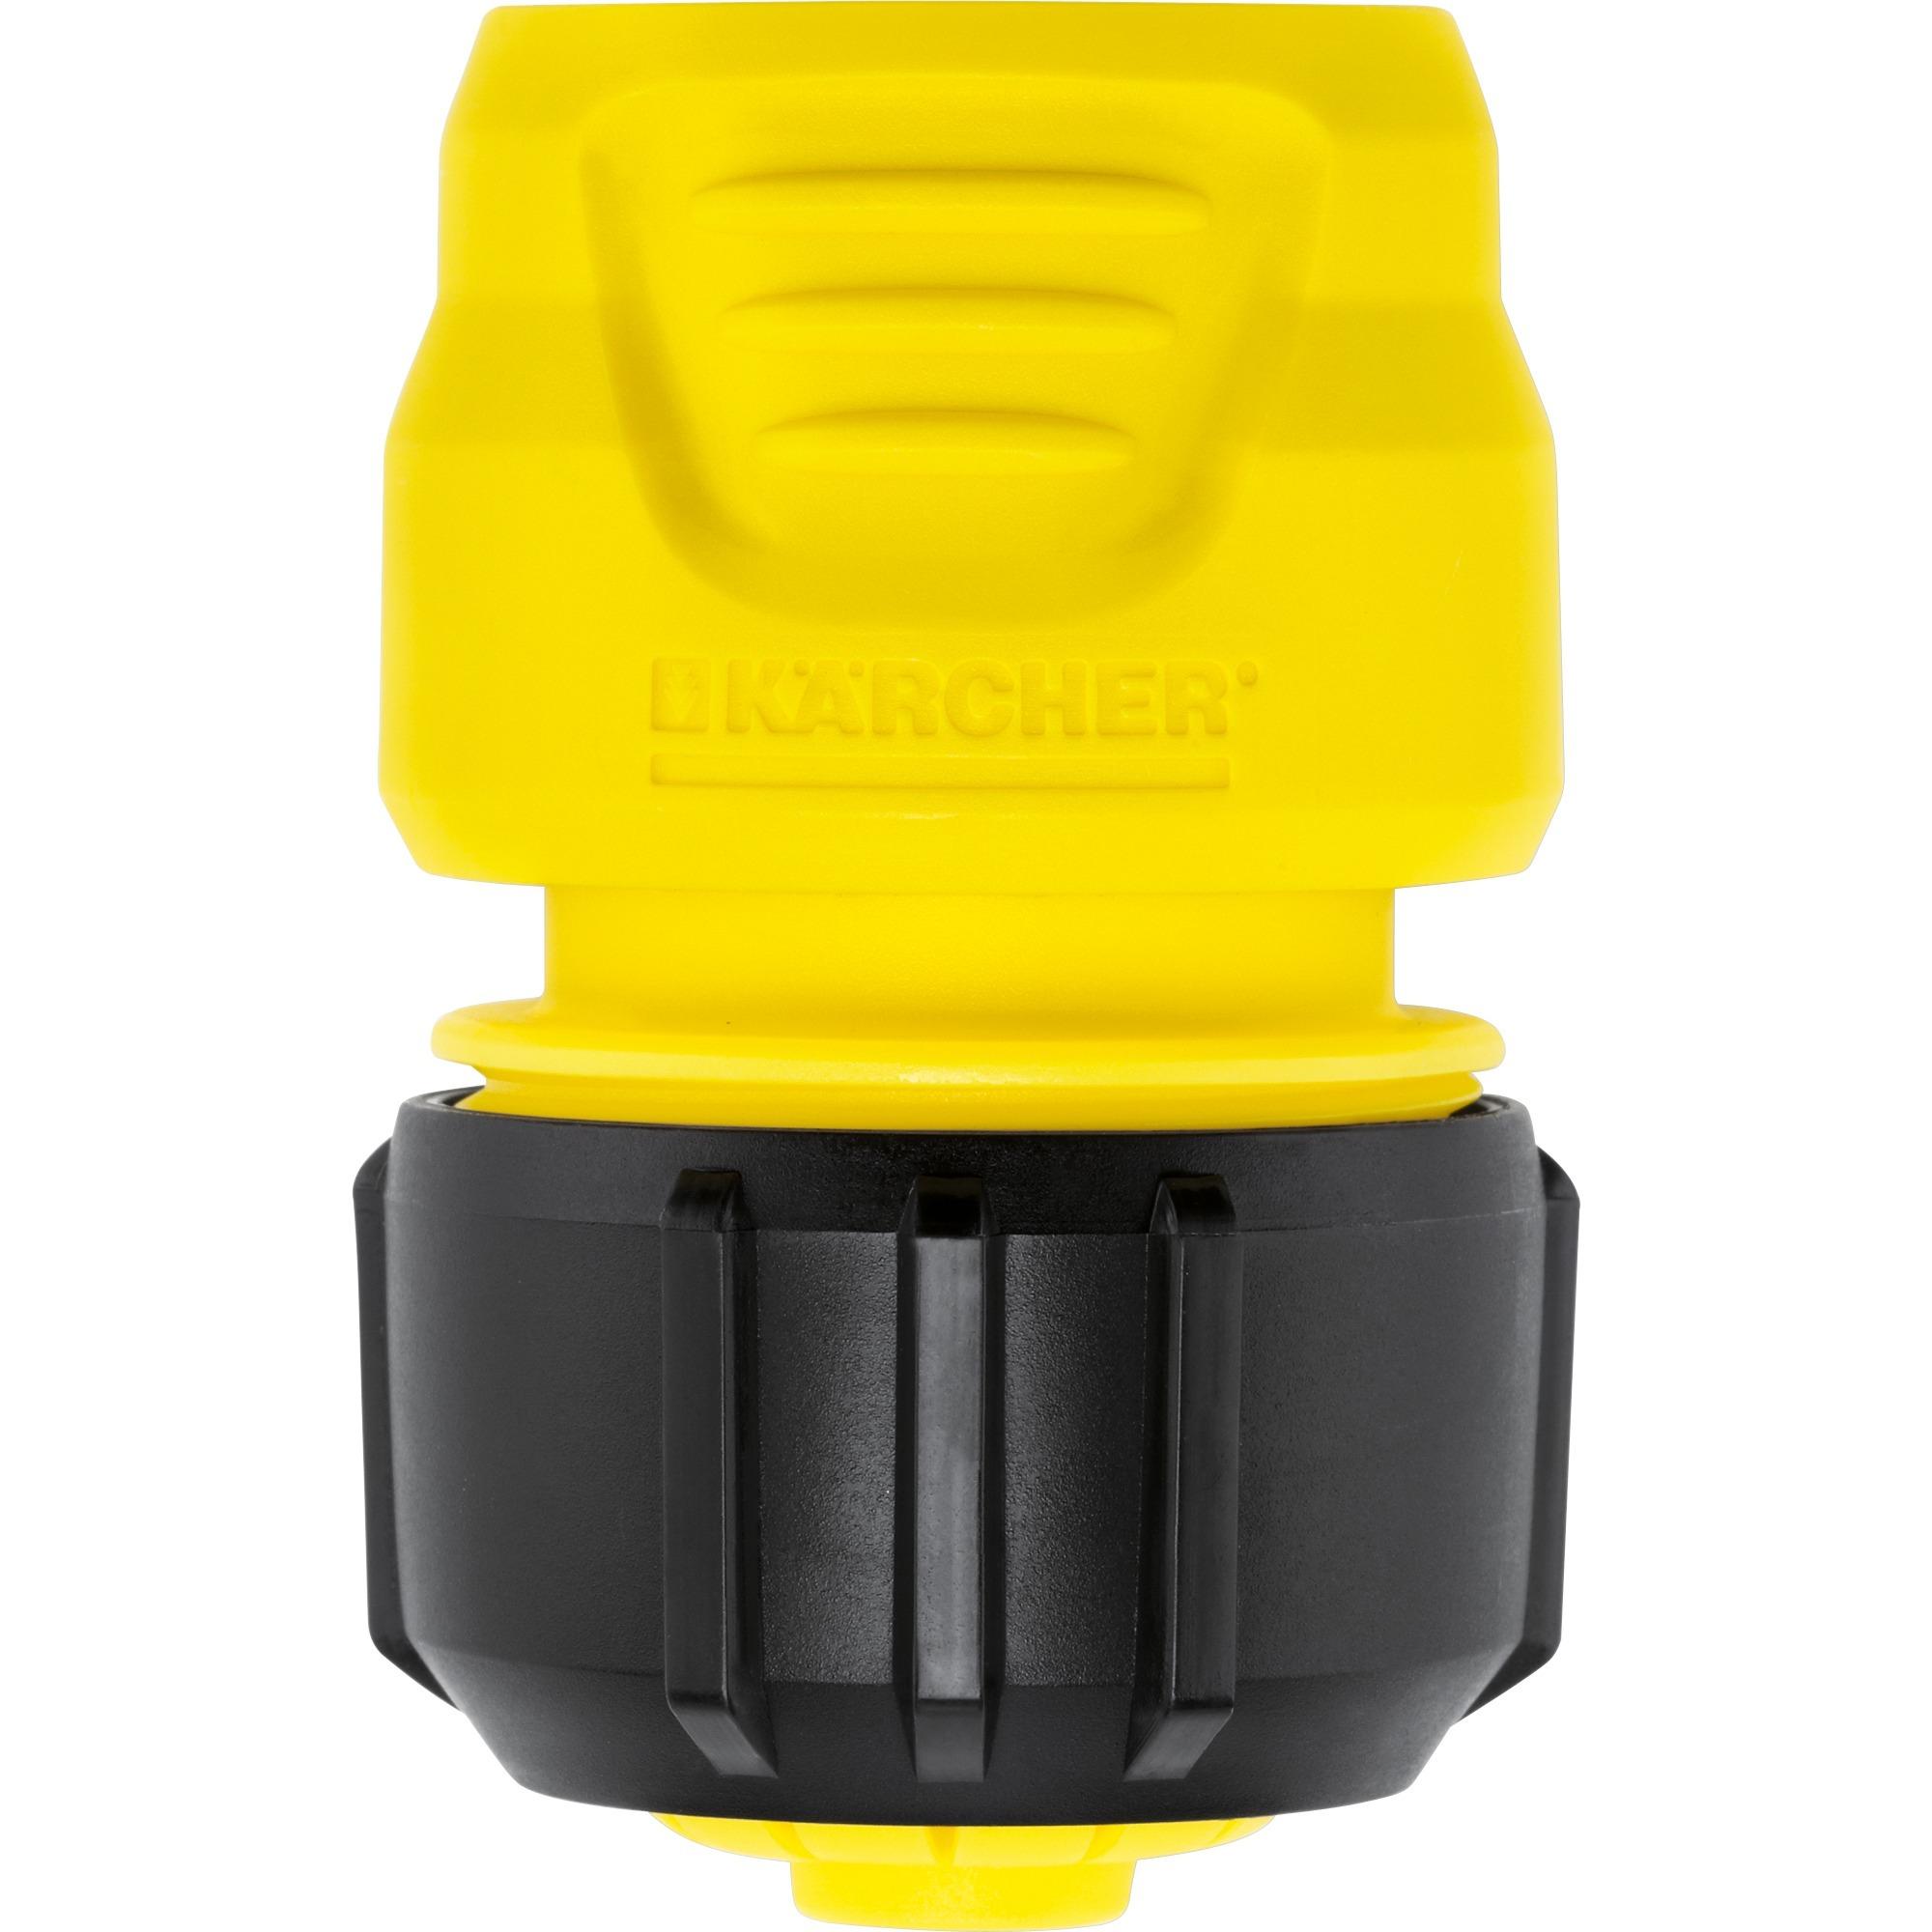 2.645-201.0 Negro, Amarillo 1pieza(s) accesorio para manguera, Pieza de manguera